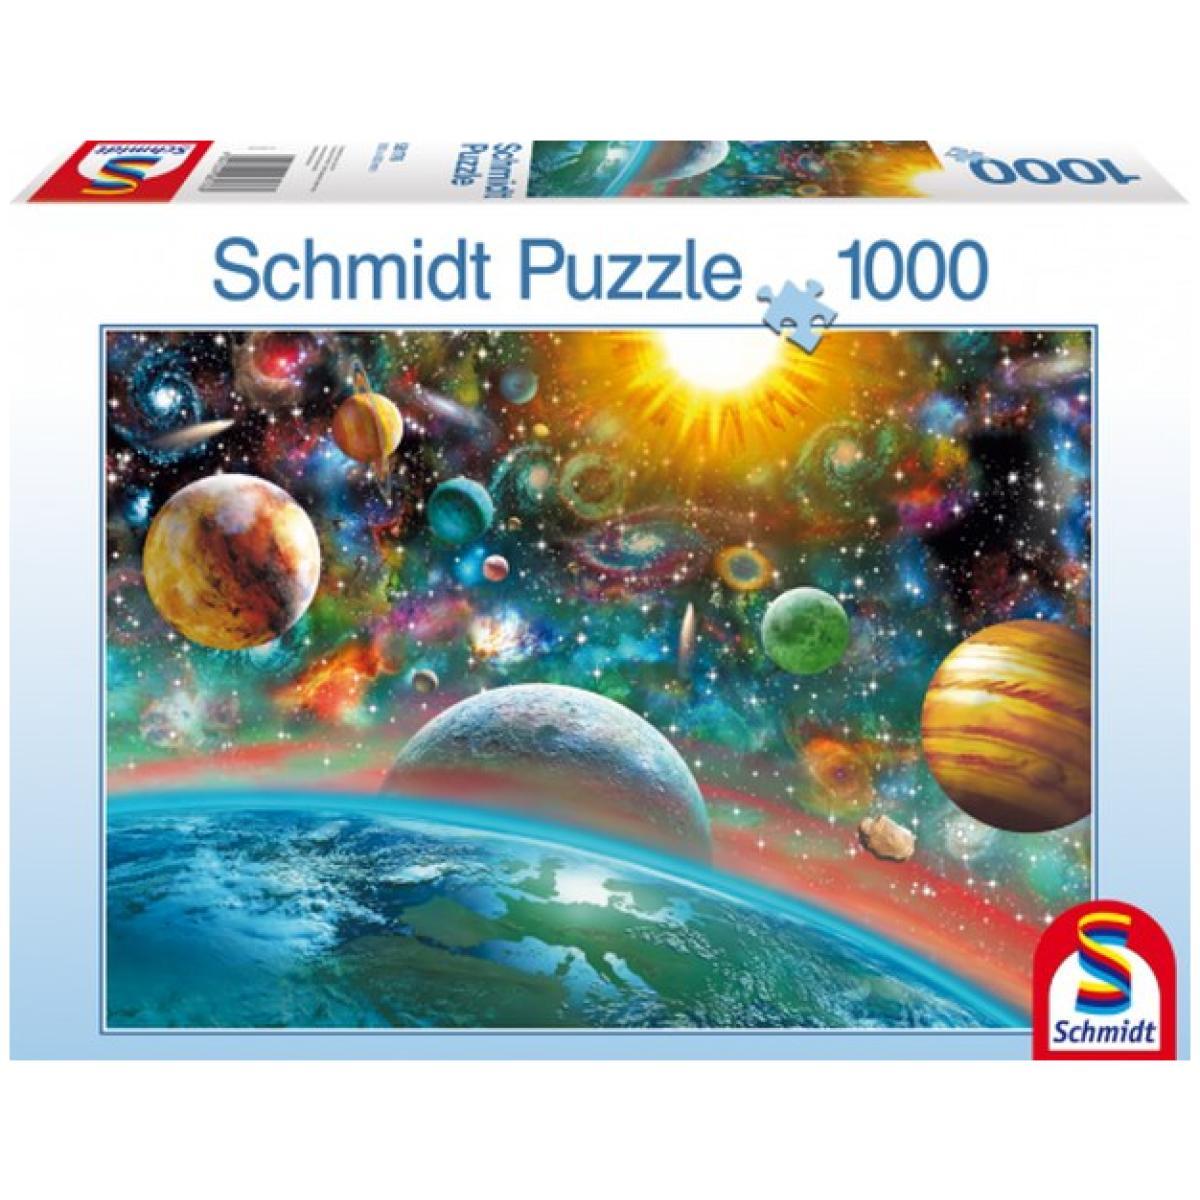 Sestavljanka puzzle 1000 delna Schmidt Vesolje